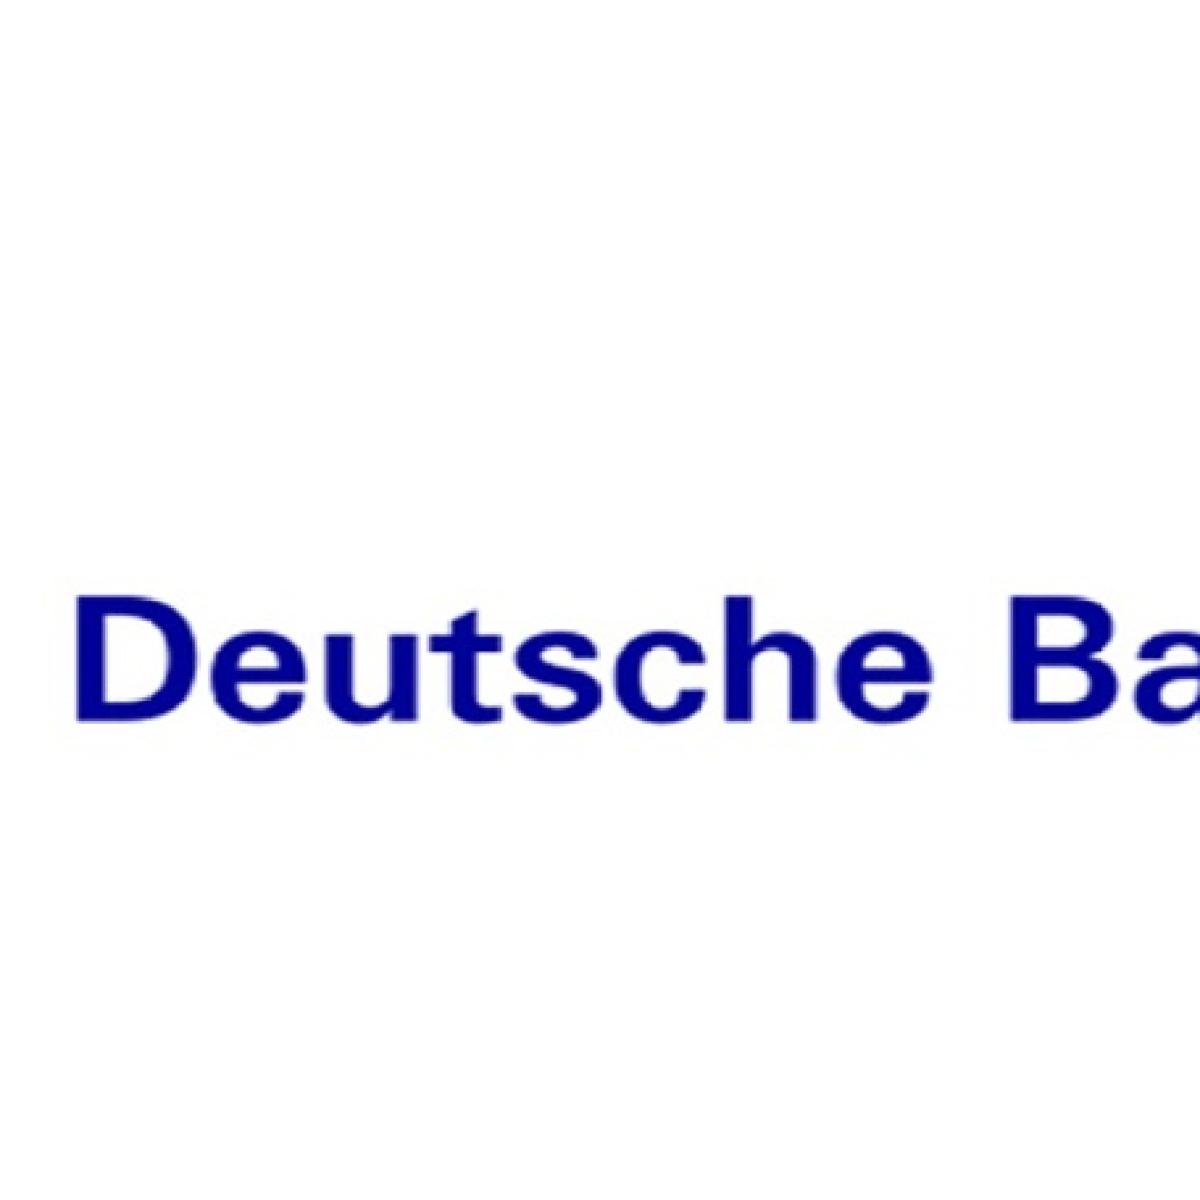 Deutsche Bank to slash 18,000 jobs by 2022